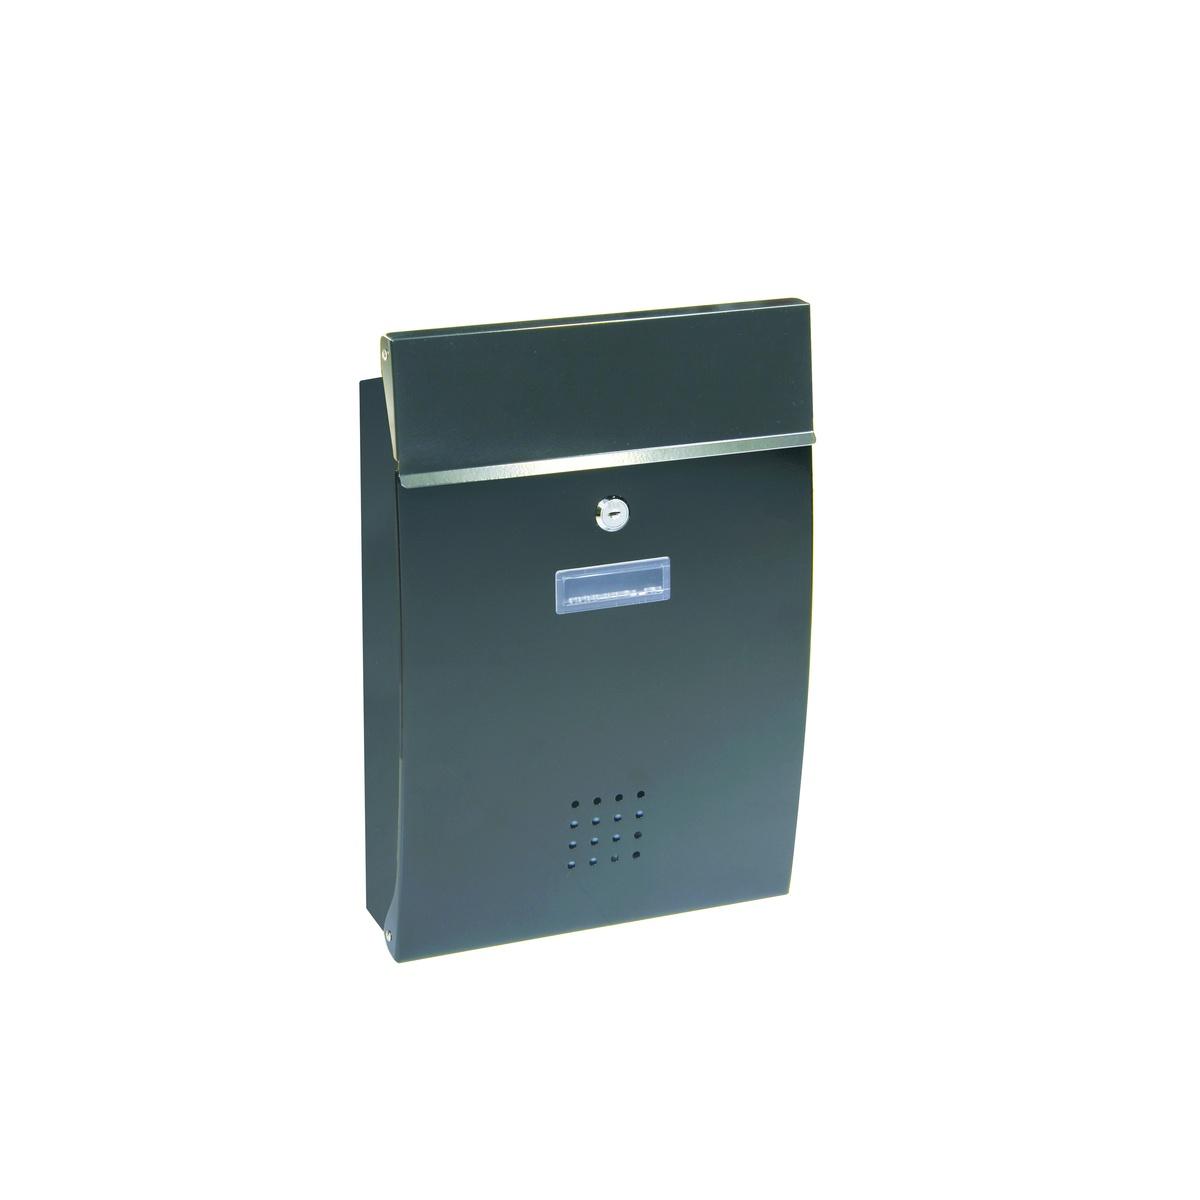 Poštovní schránka RICHTER BK05 (BÍLÁ, STŘÍBRNÁ, HNĚDÁ) - Ocel antracit